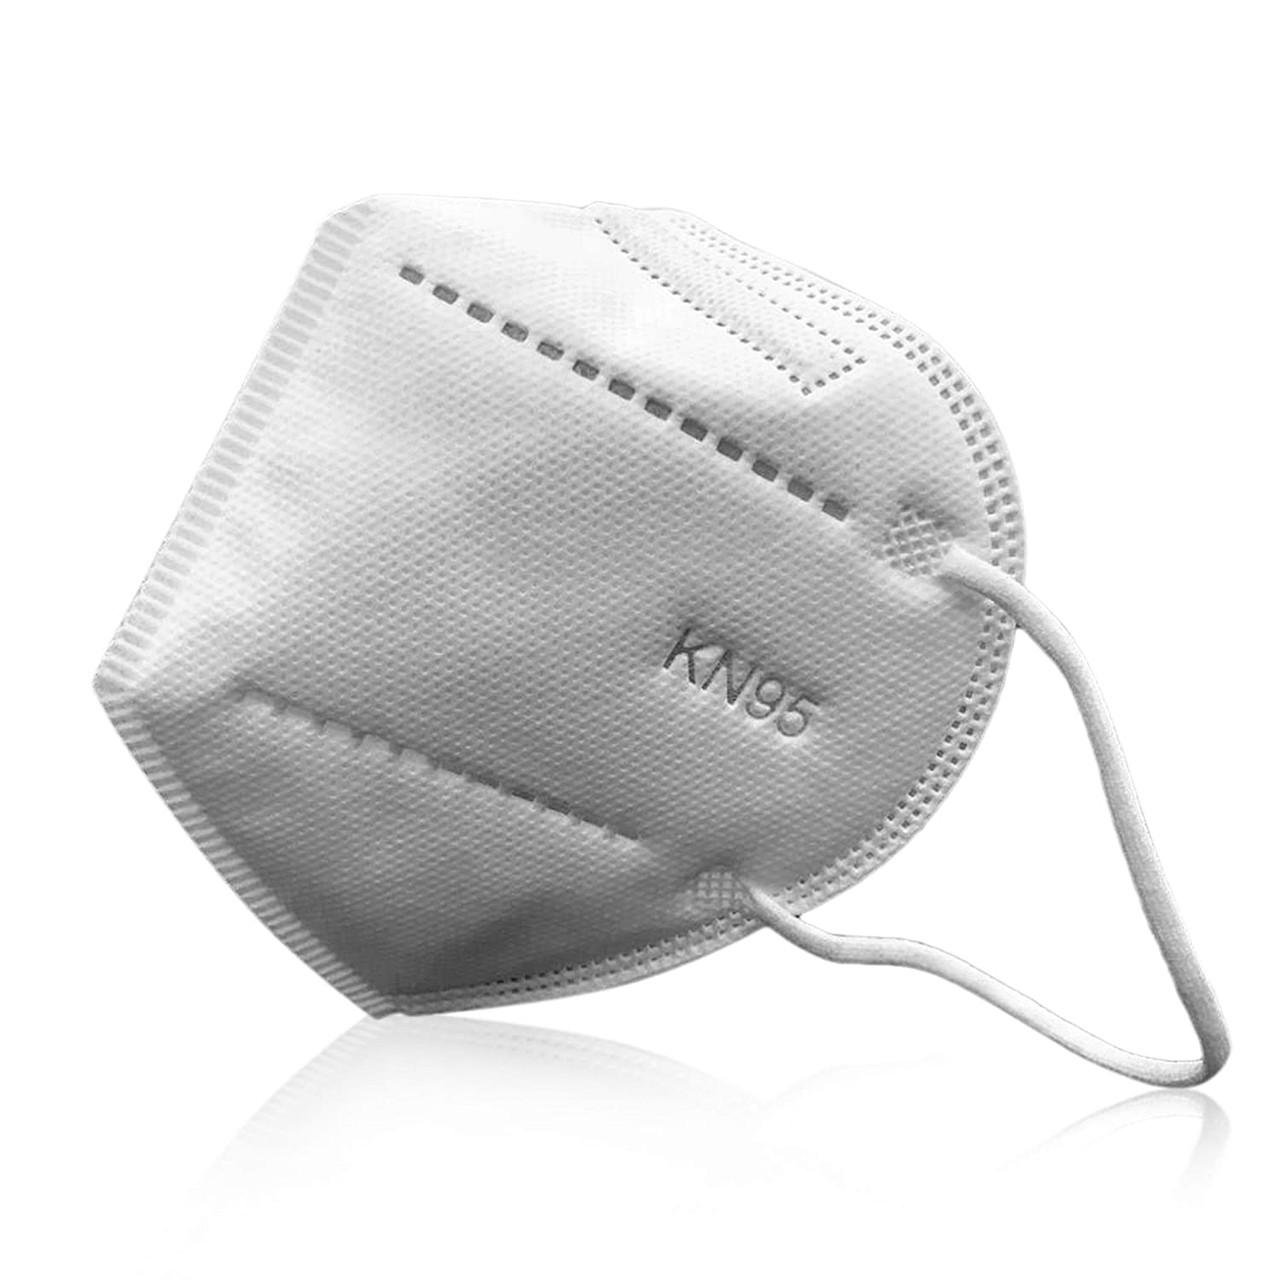 KN95 Face Masks- 3000 Pack